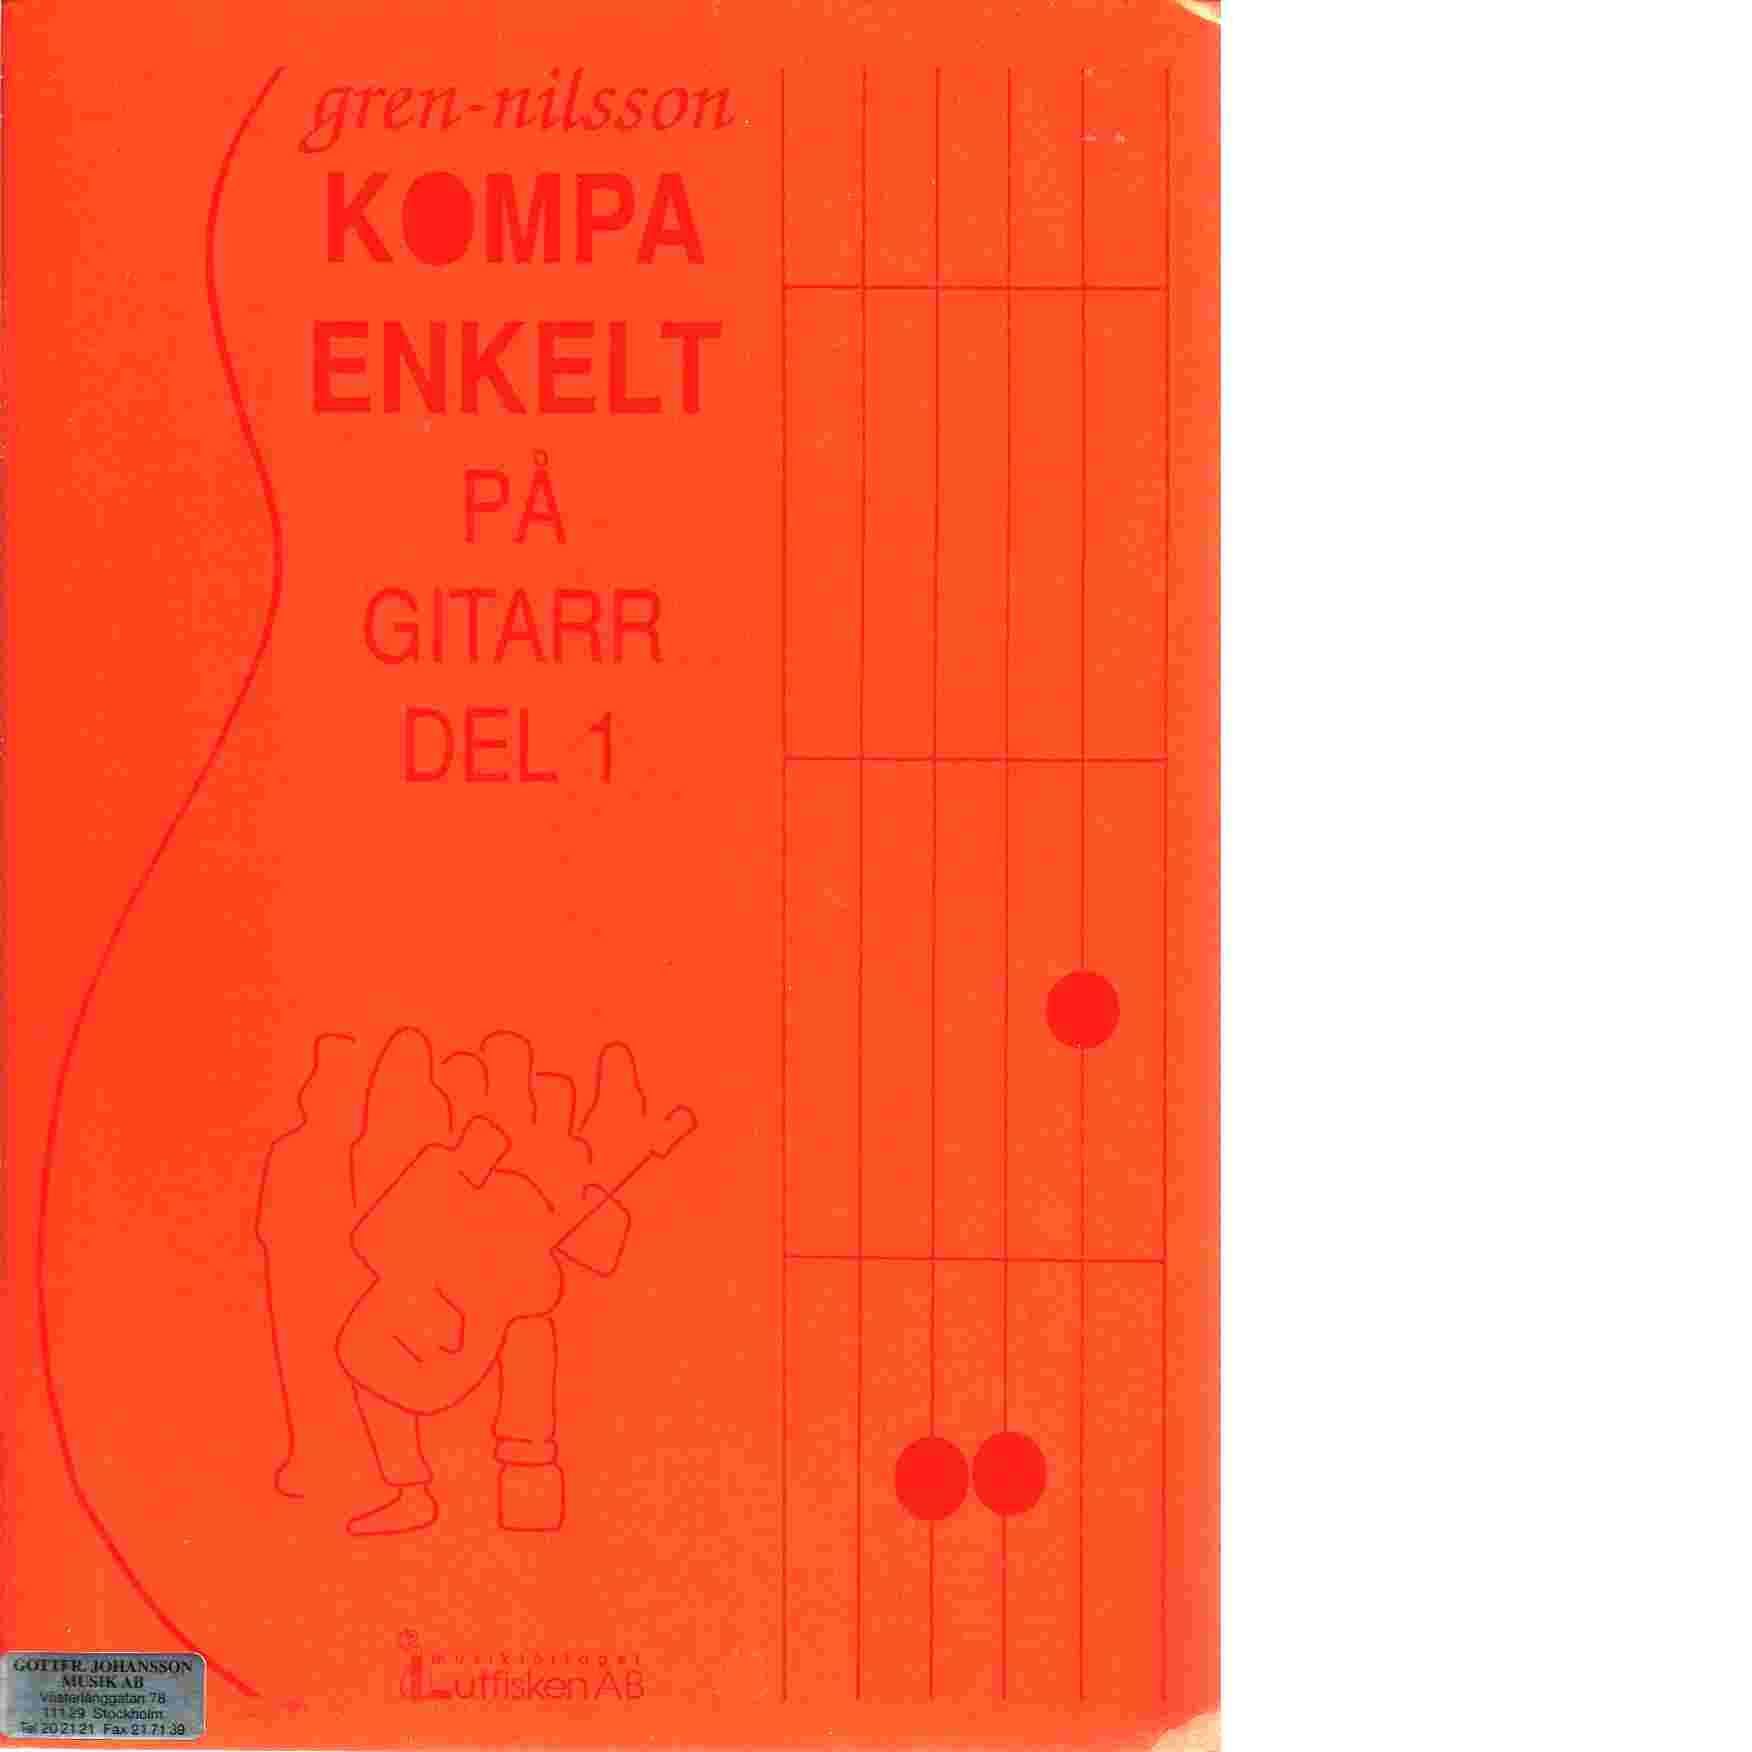 Kompa enkelt på gitarr Musiktryck. D. 1 - Gren, Katarina,   och  Nilsson, Birger